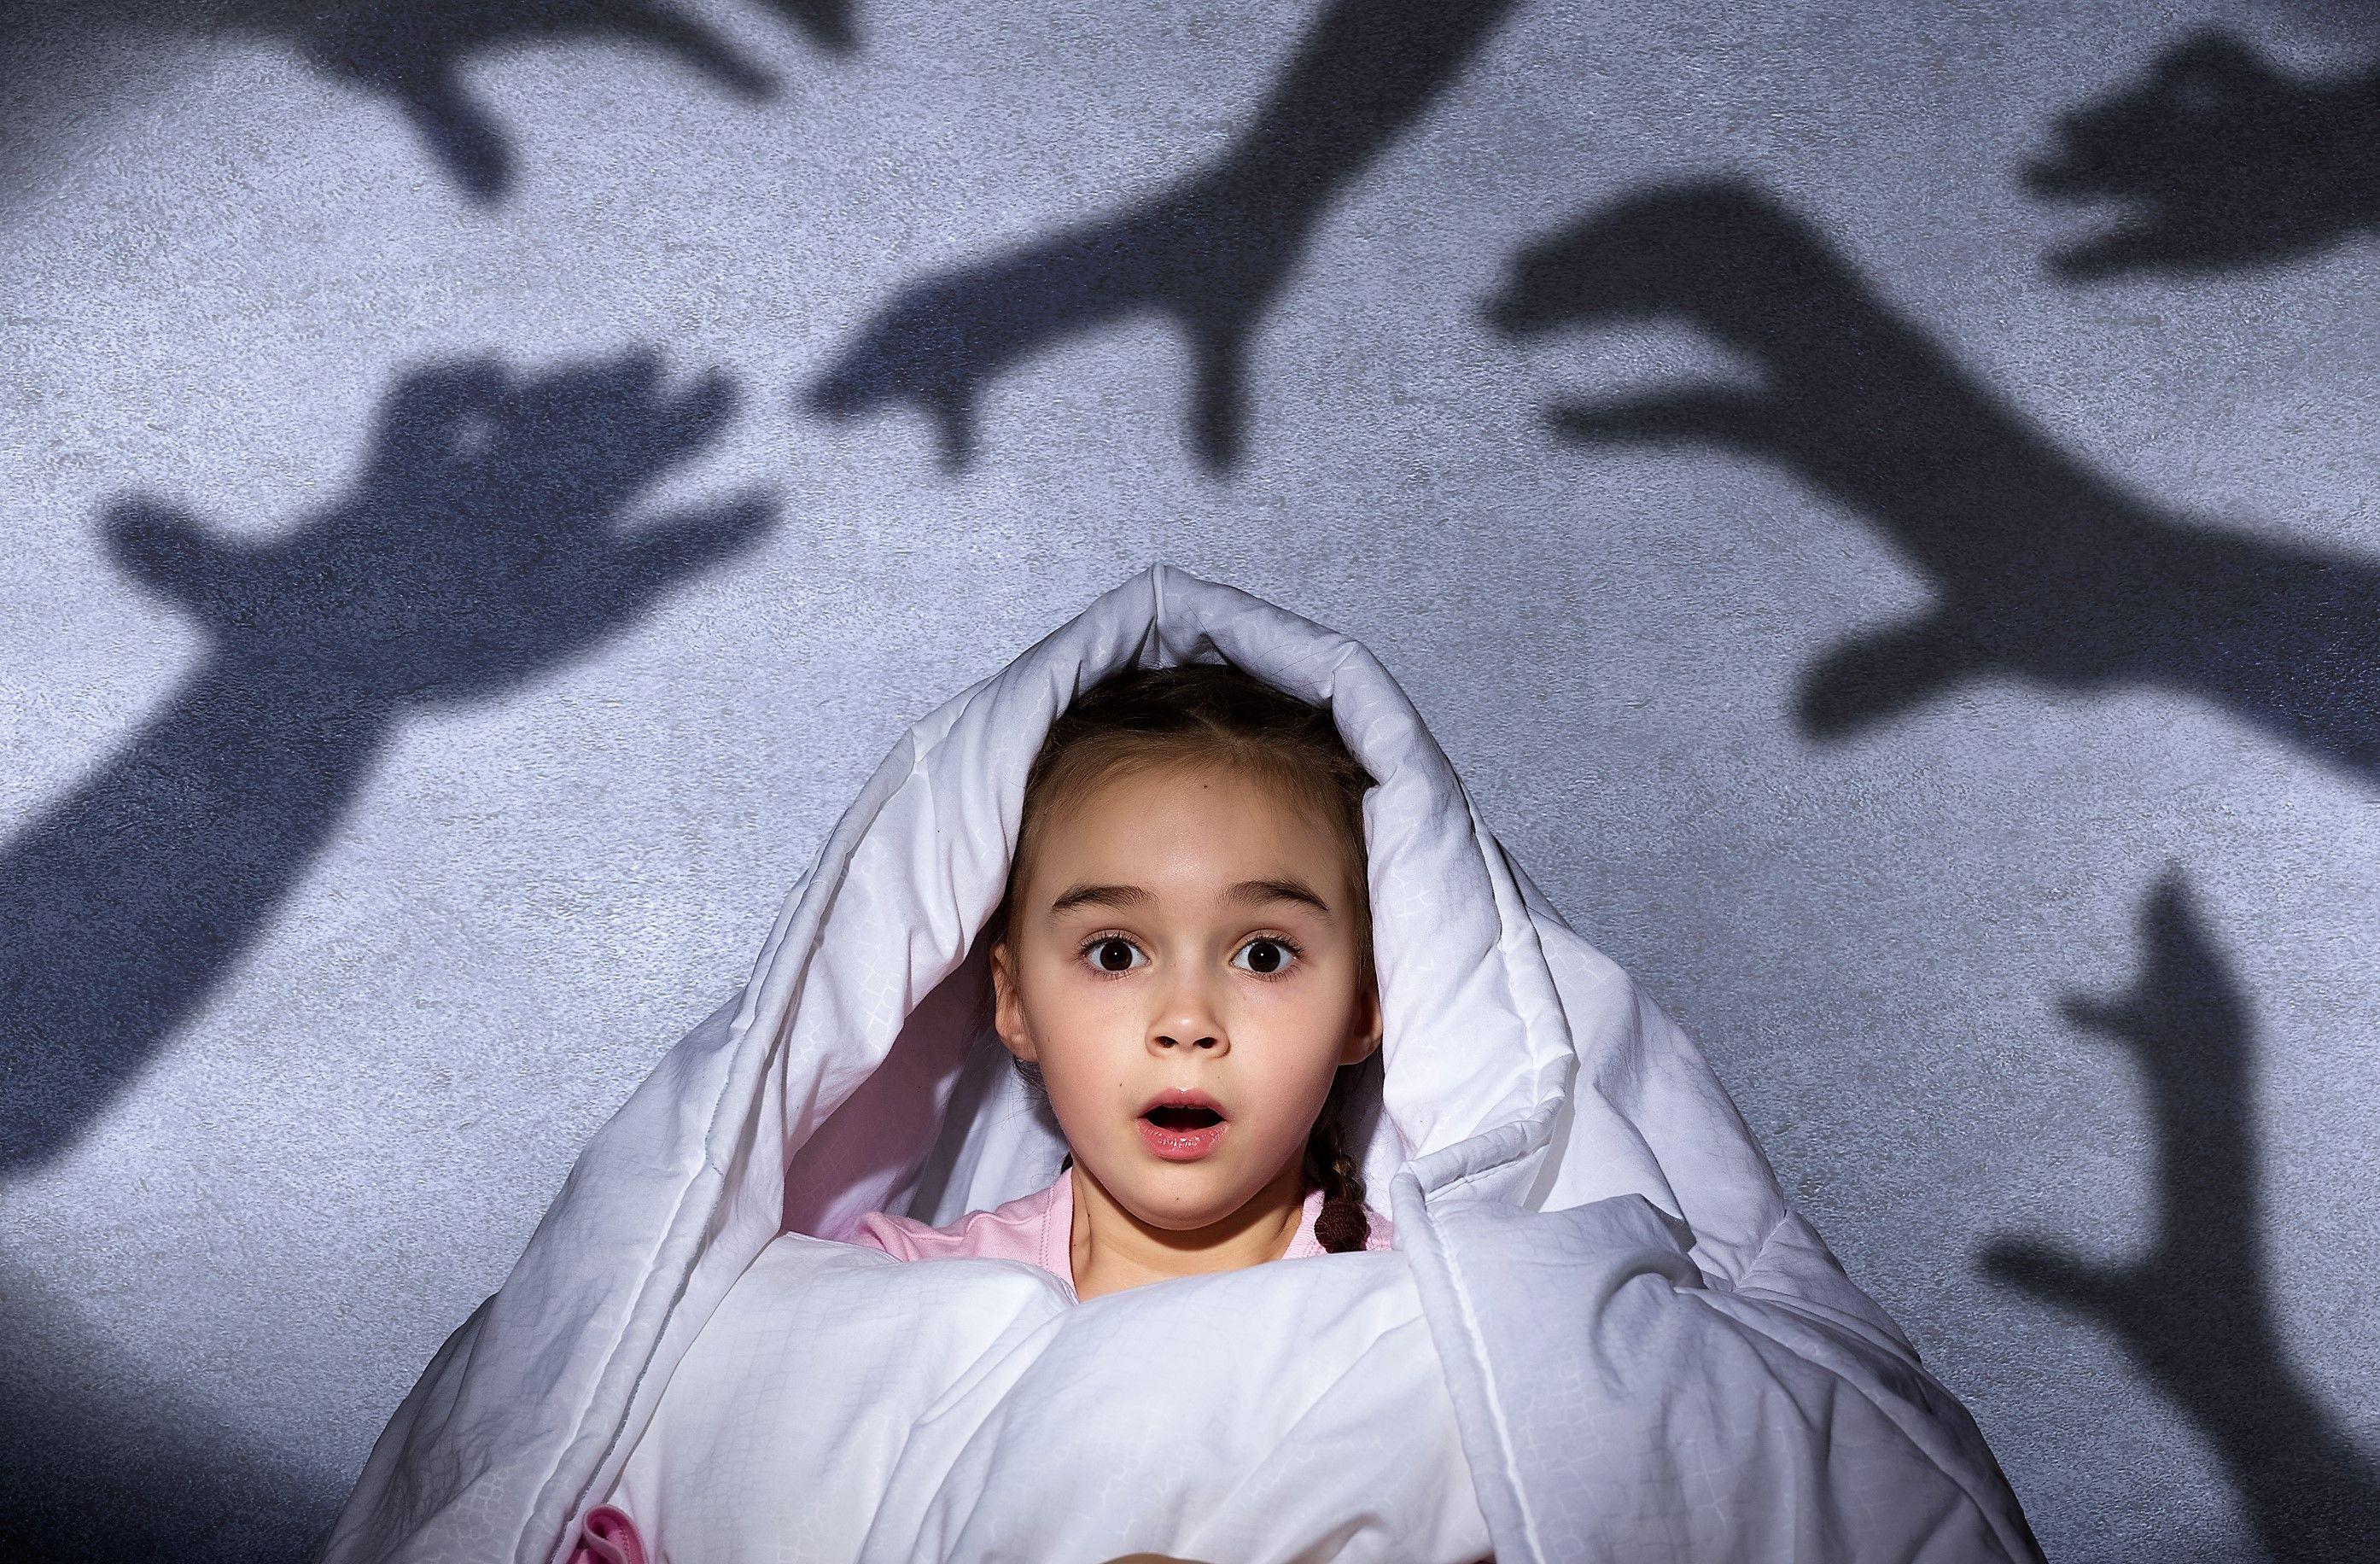 5. Kenalkan perasaan takut khawatir